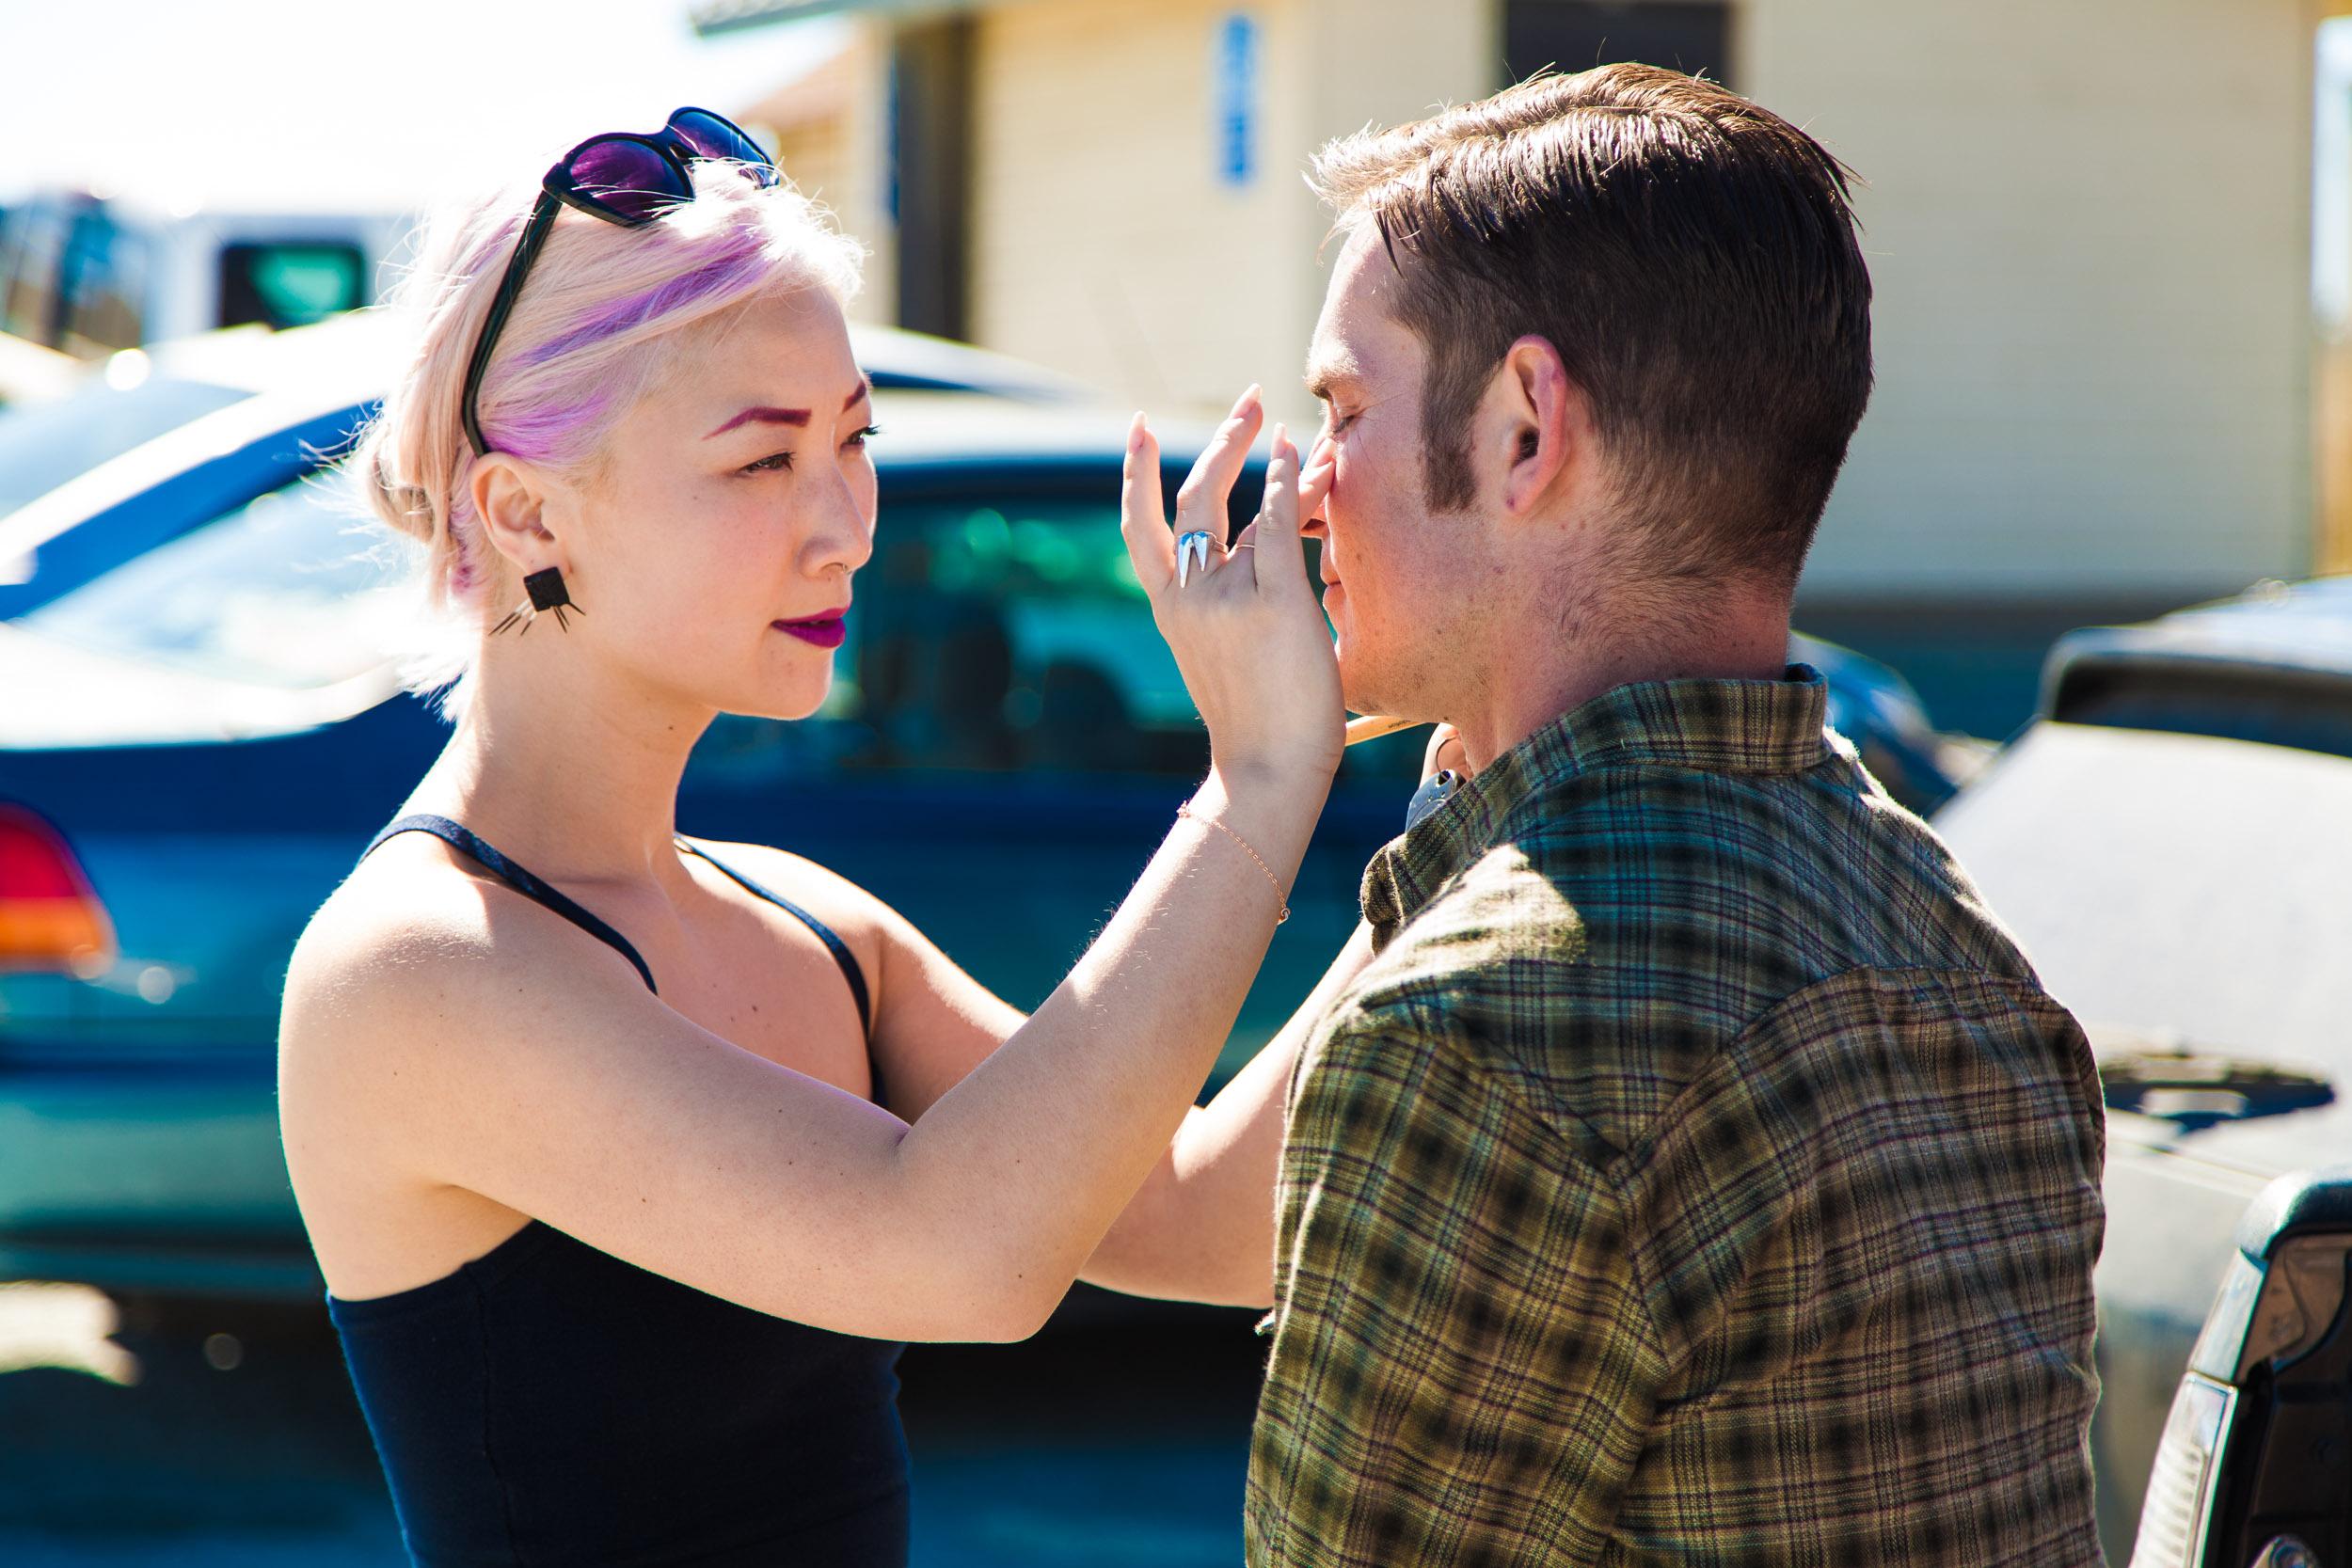 Anna doing makeup